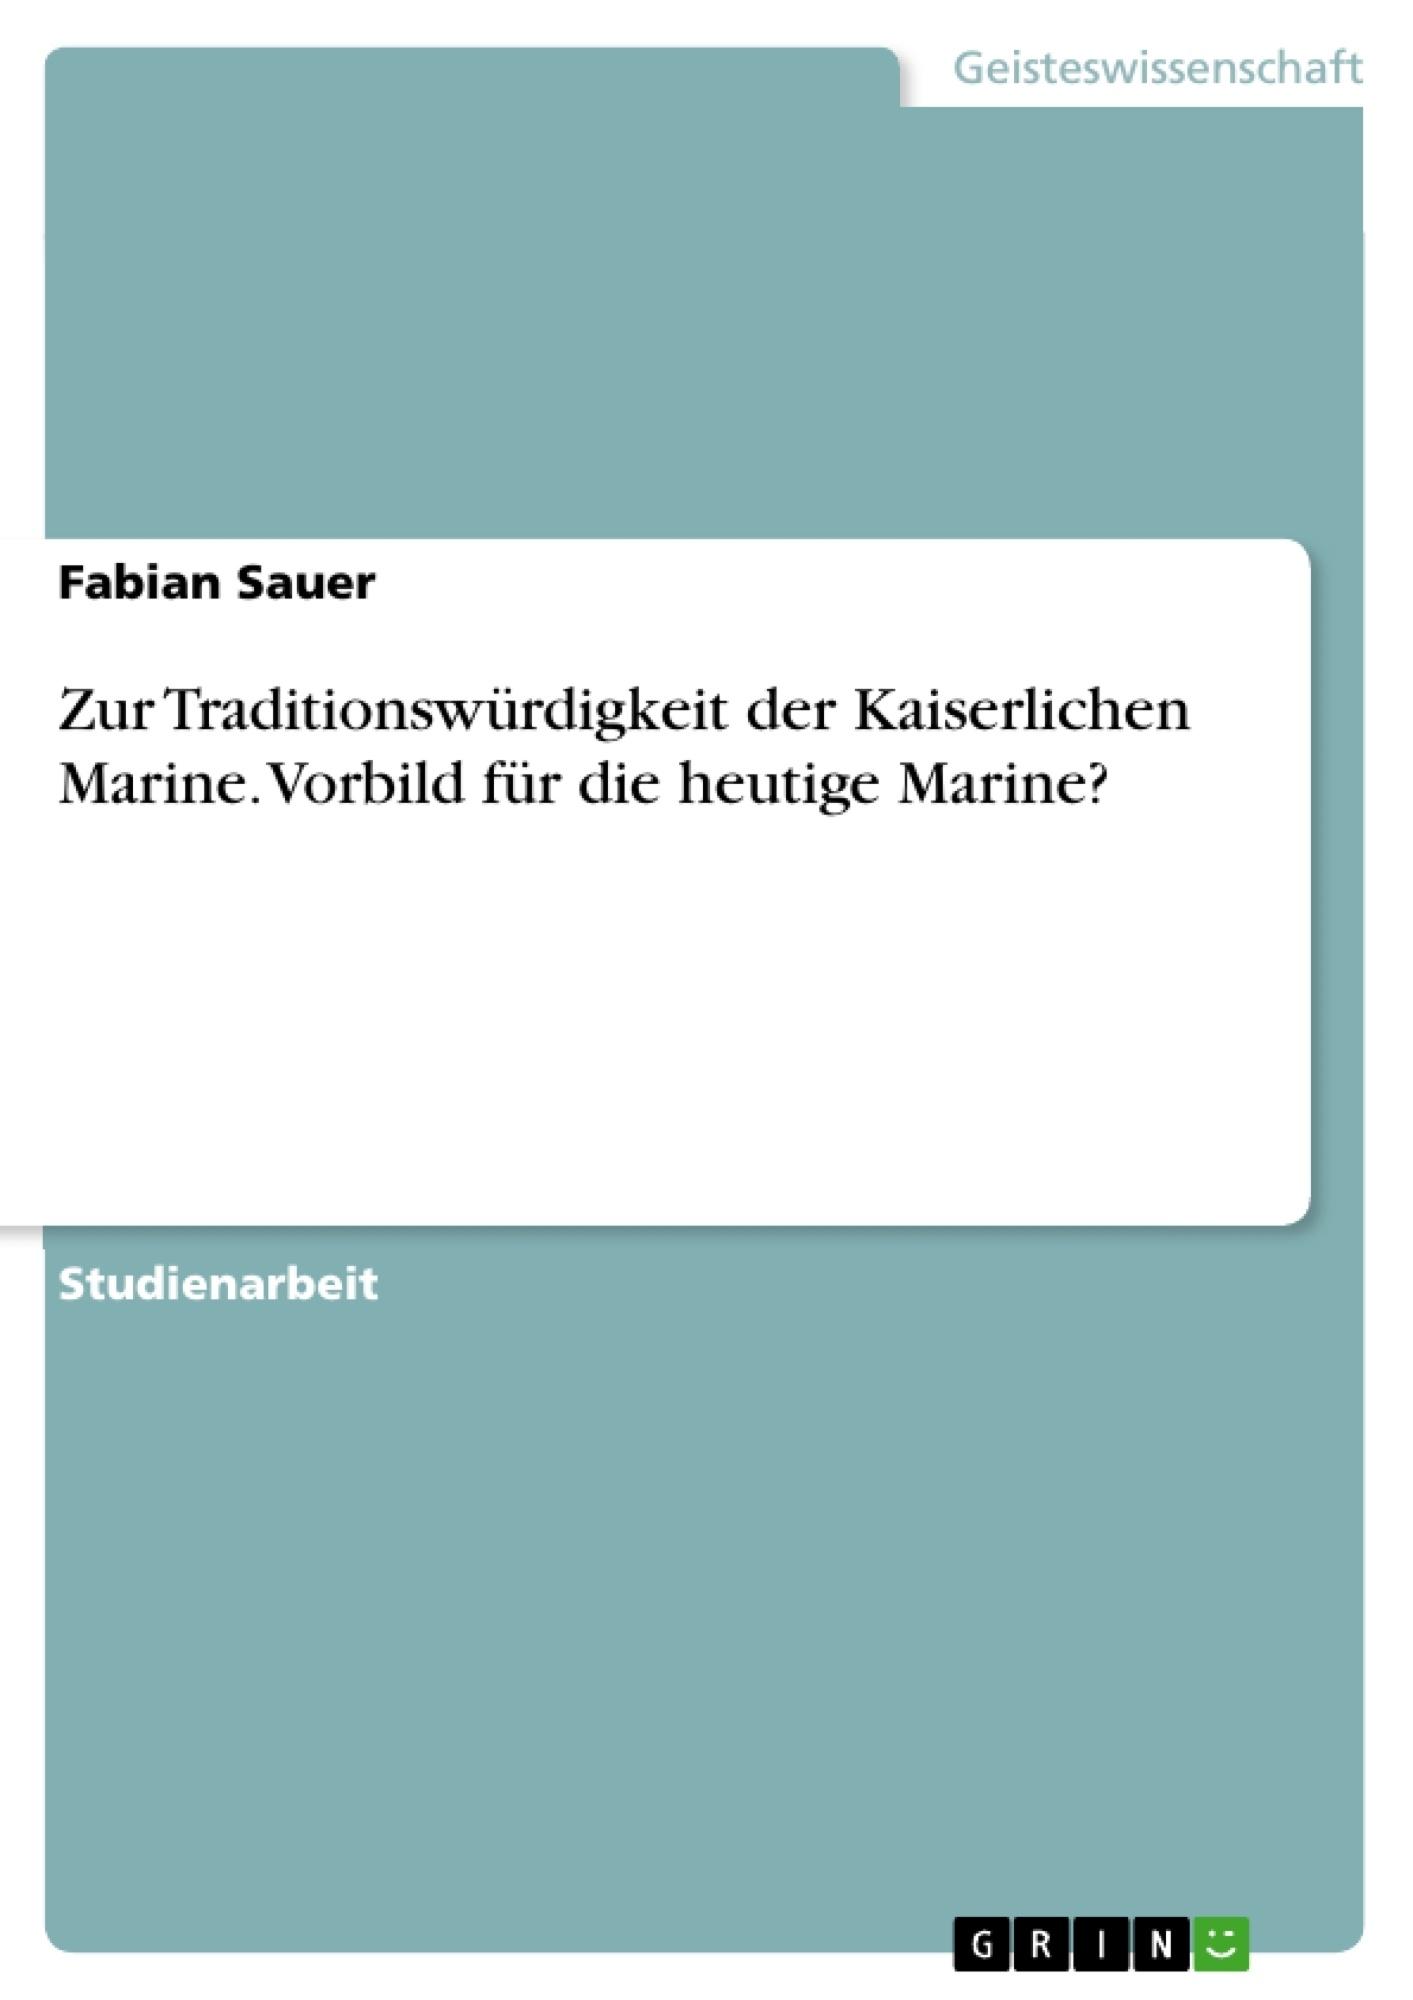 Titel: Zur Traditionswürdigkeit der Kaiserlichen Marine. Vorbild für die heutige Marine?